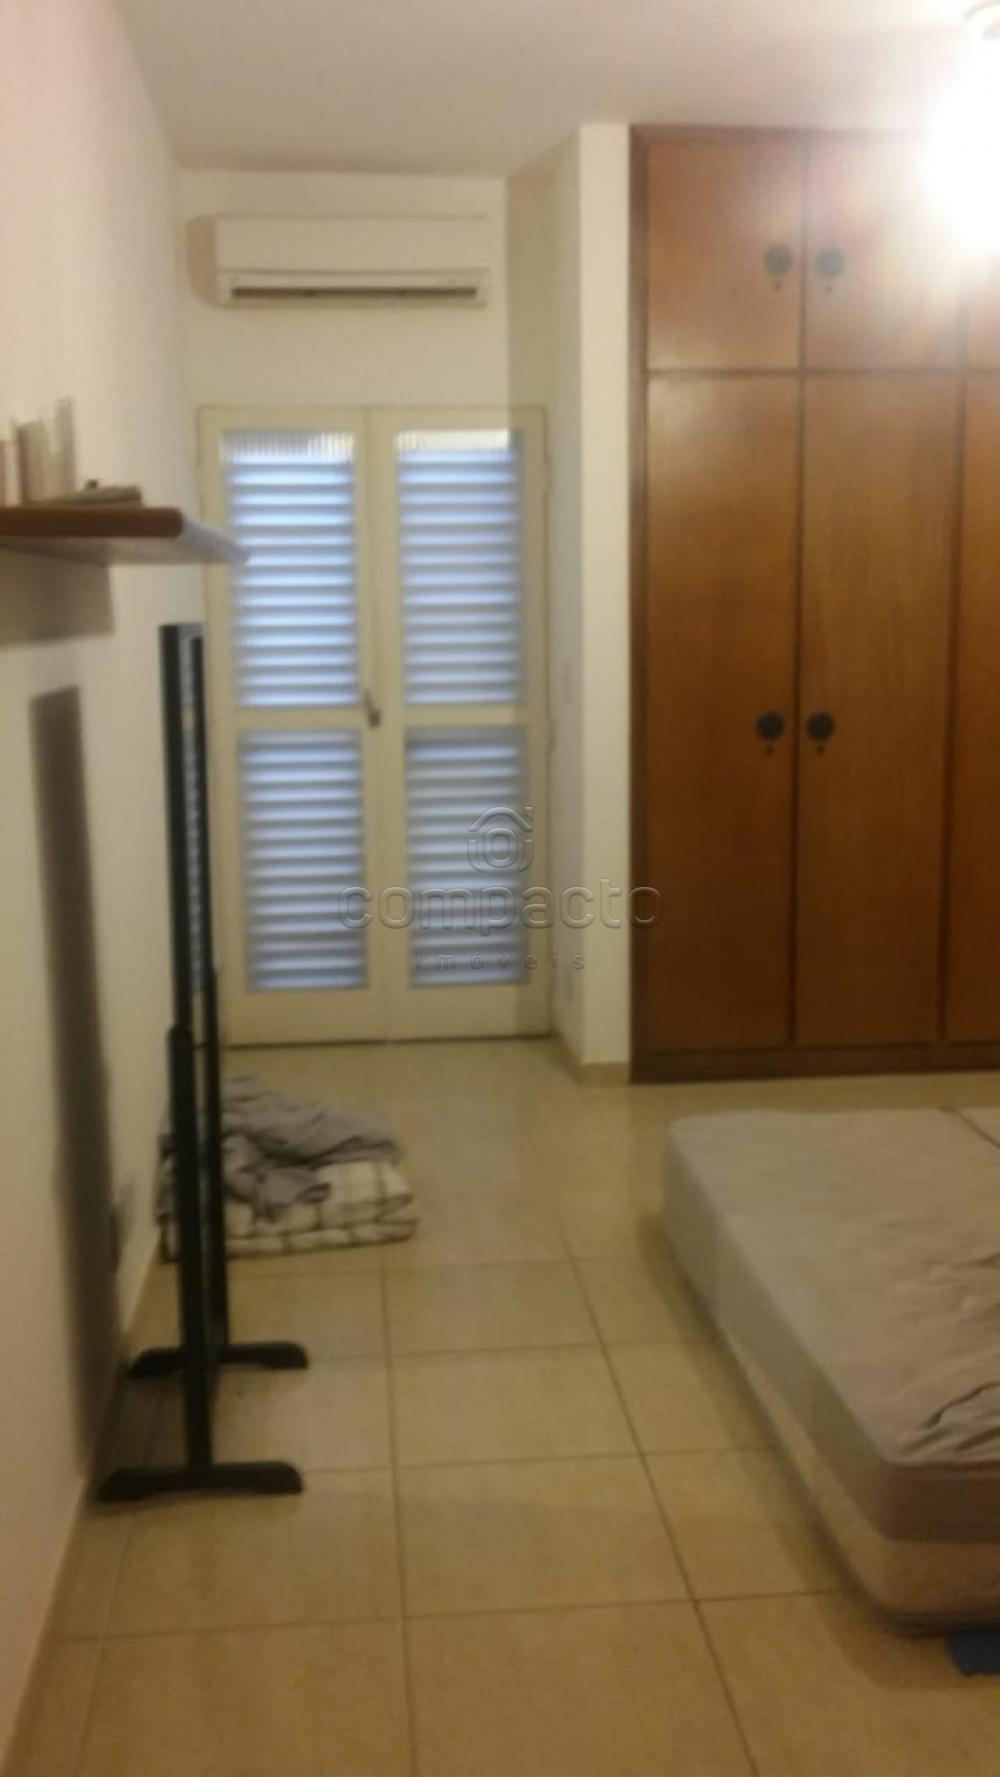 Comprar Casa / Padrão em São José do Rio Preto apenas R$ 595.000,00 - Foto 7